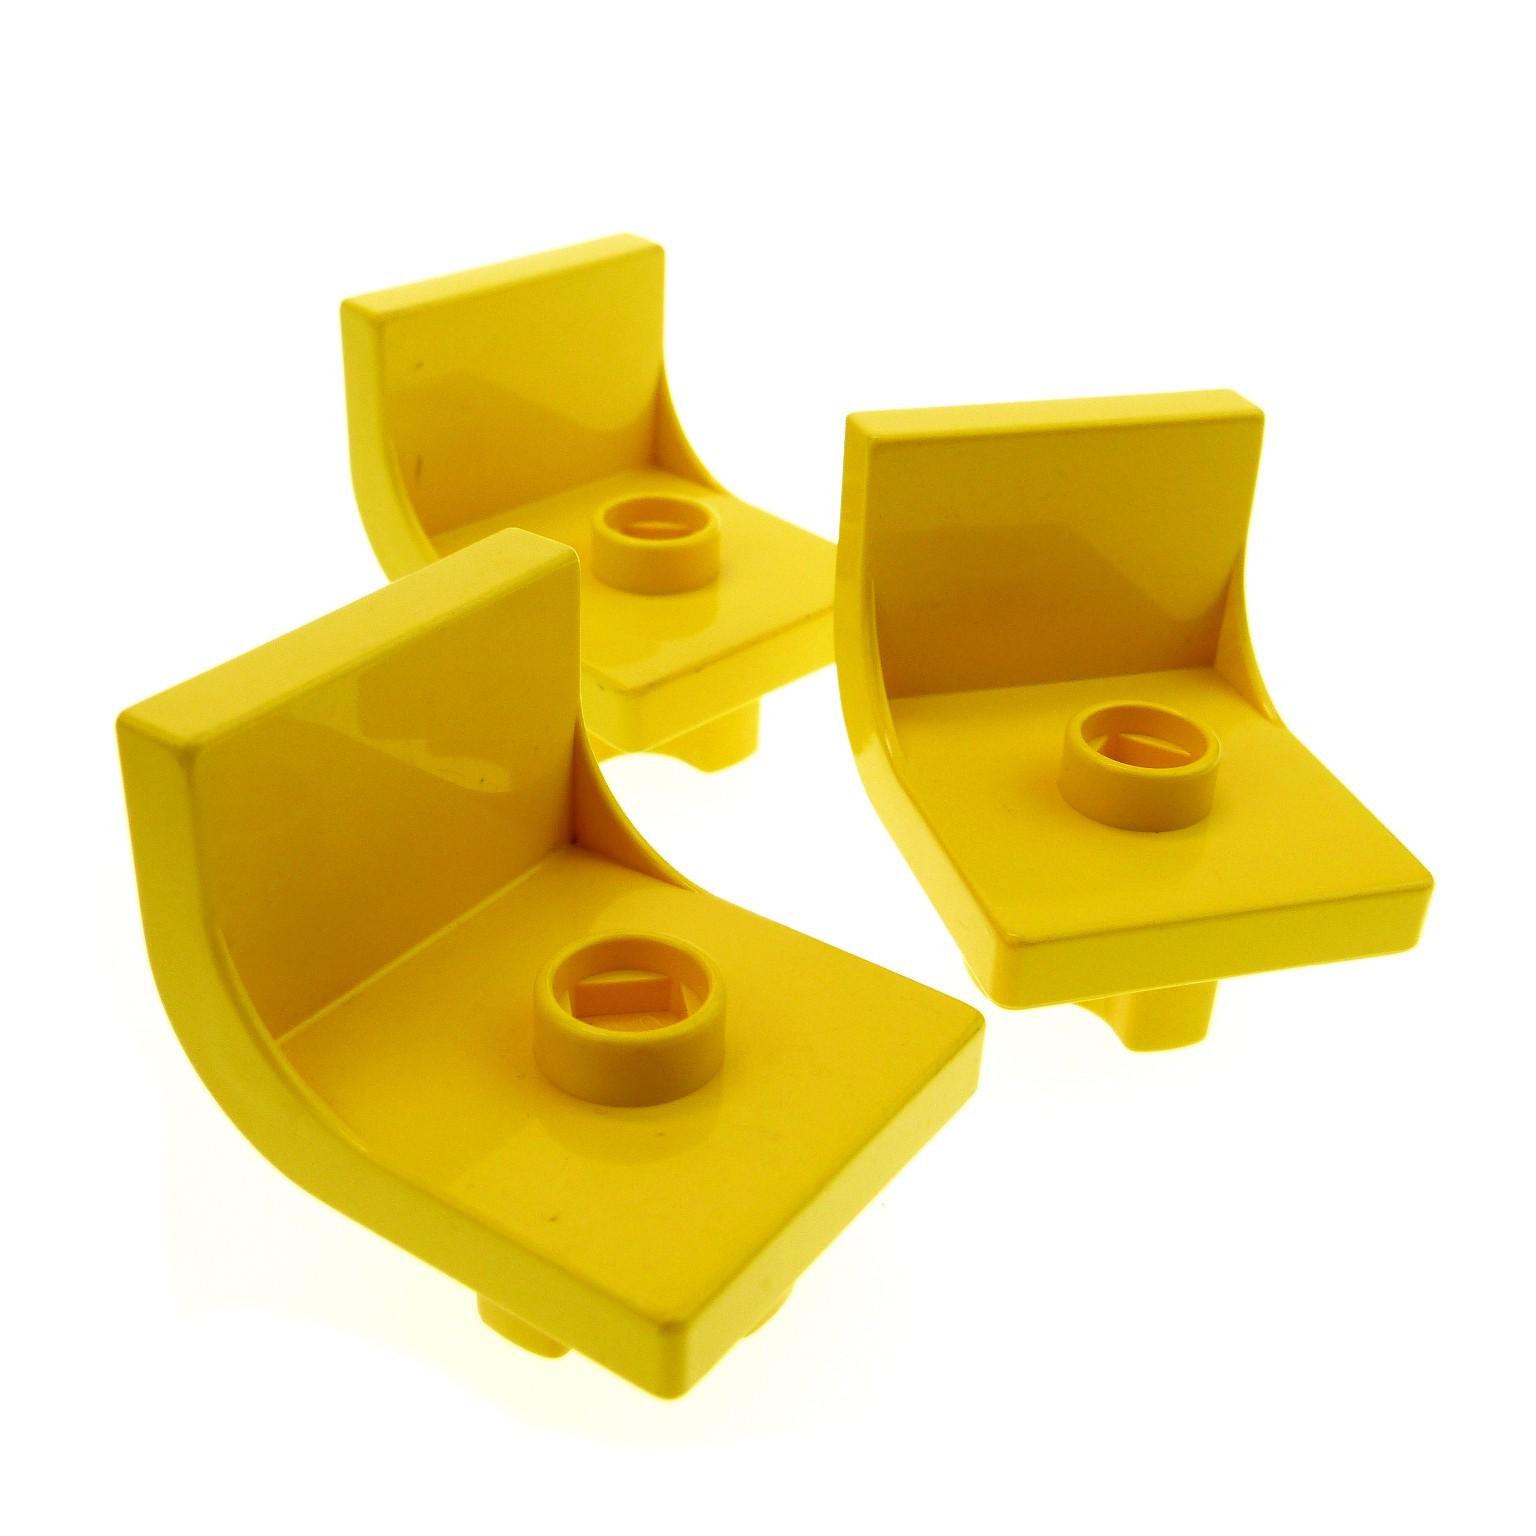 3 x Lego Duplo Stuhl gelb 1 Noppe Sitz Stühle Küche Wohnzimmer ...